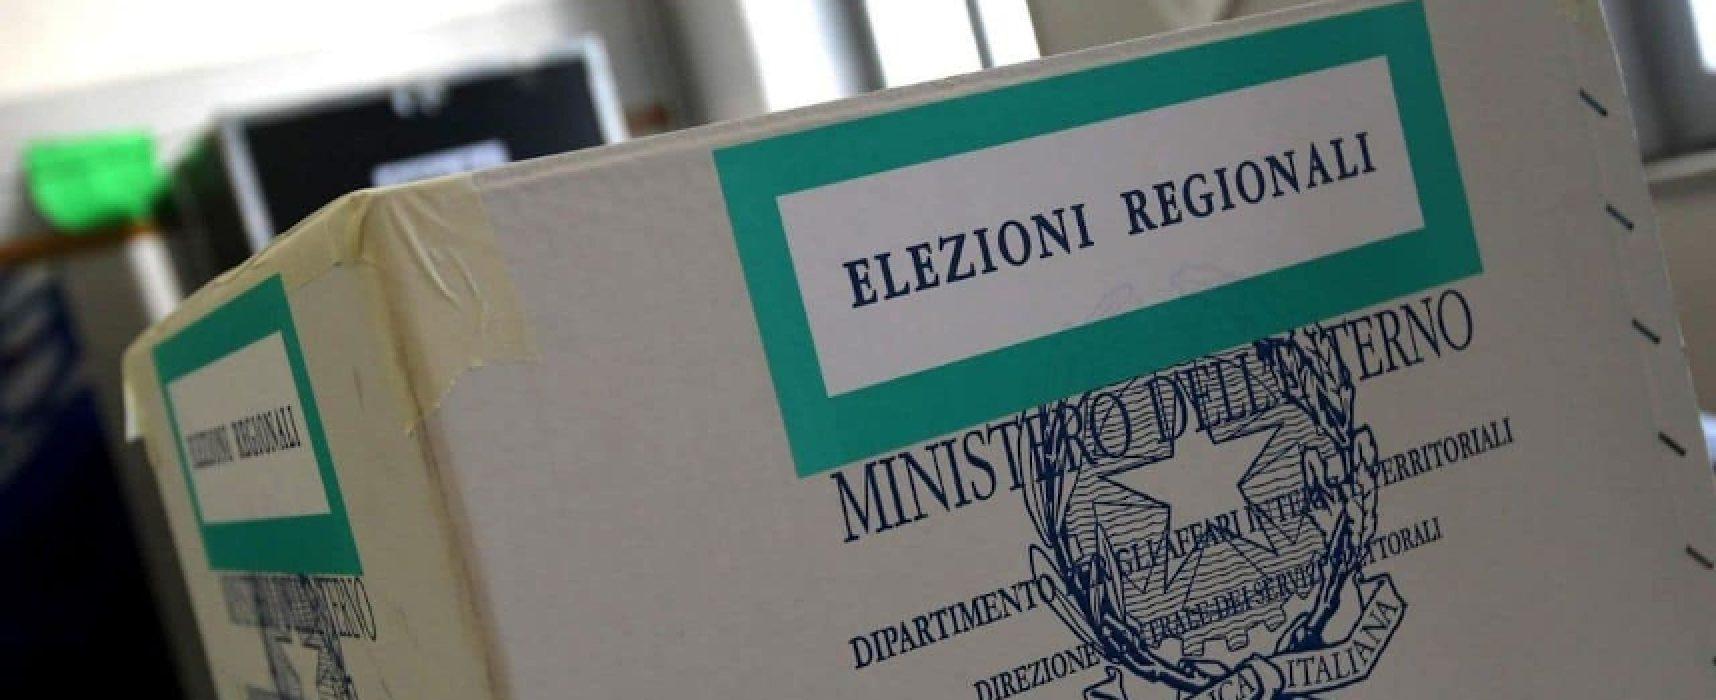 Elezioni regionali e referendum: sorteggio degli scrutatori / QUANDO e DOVE